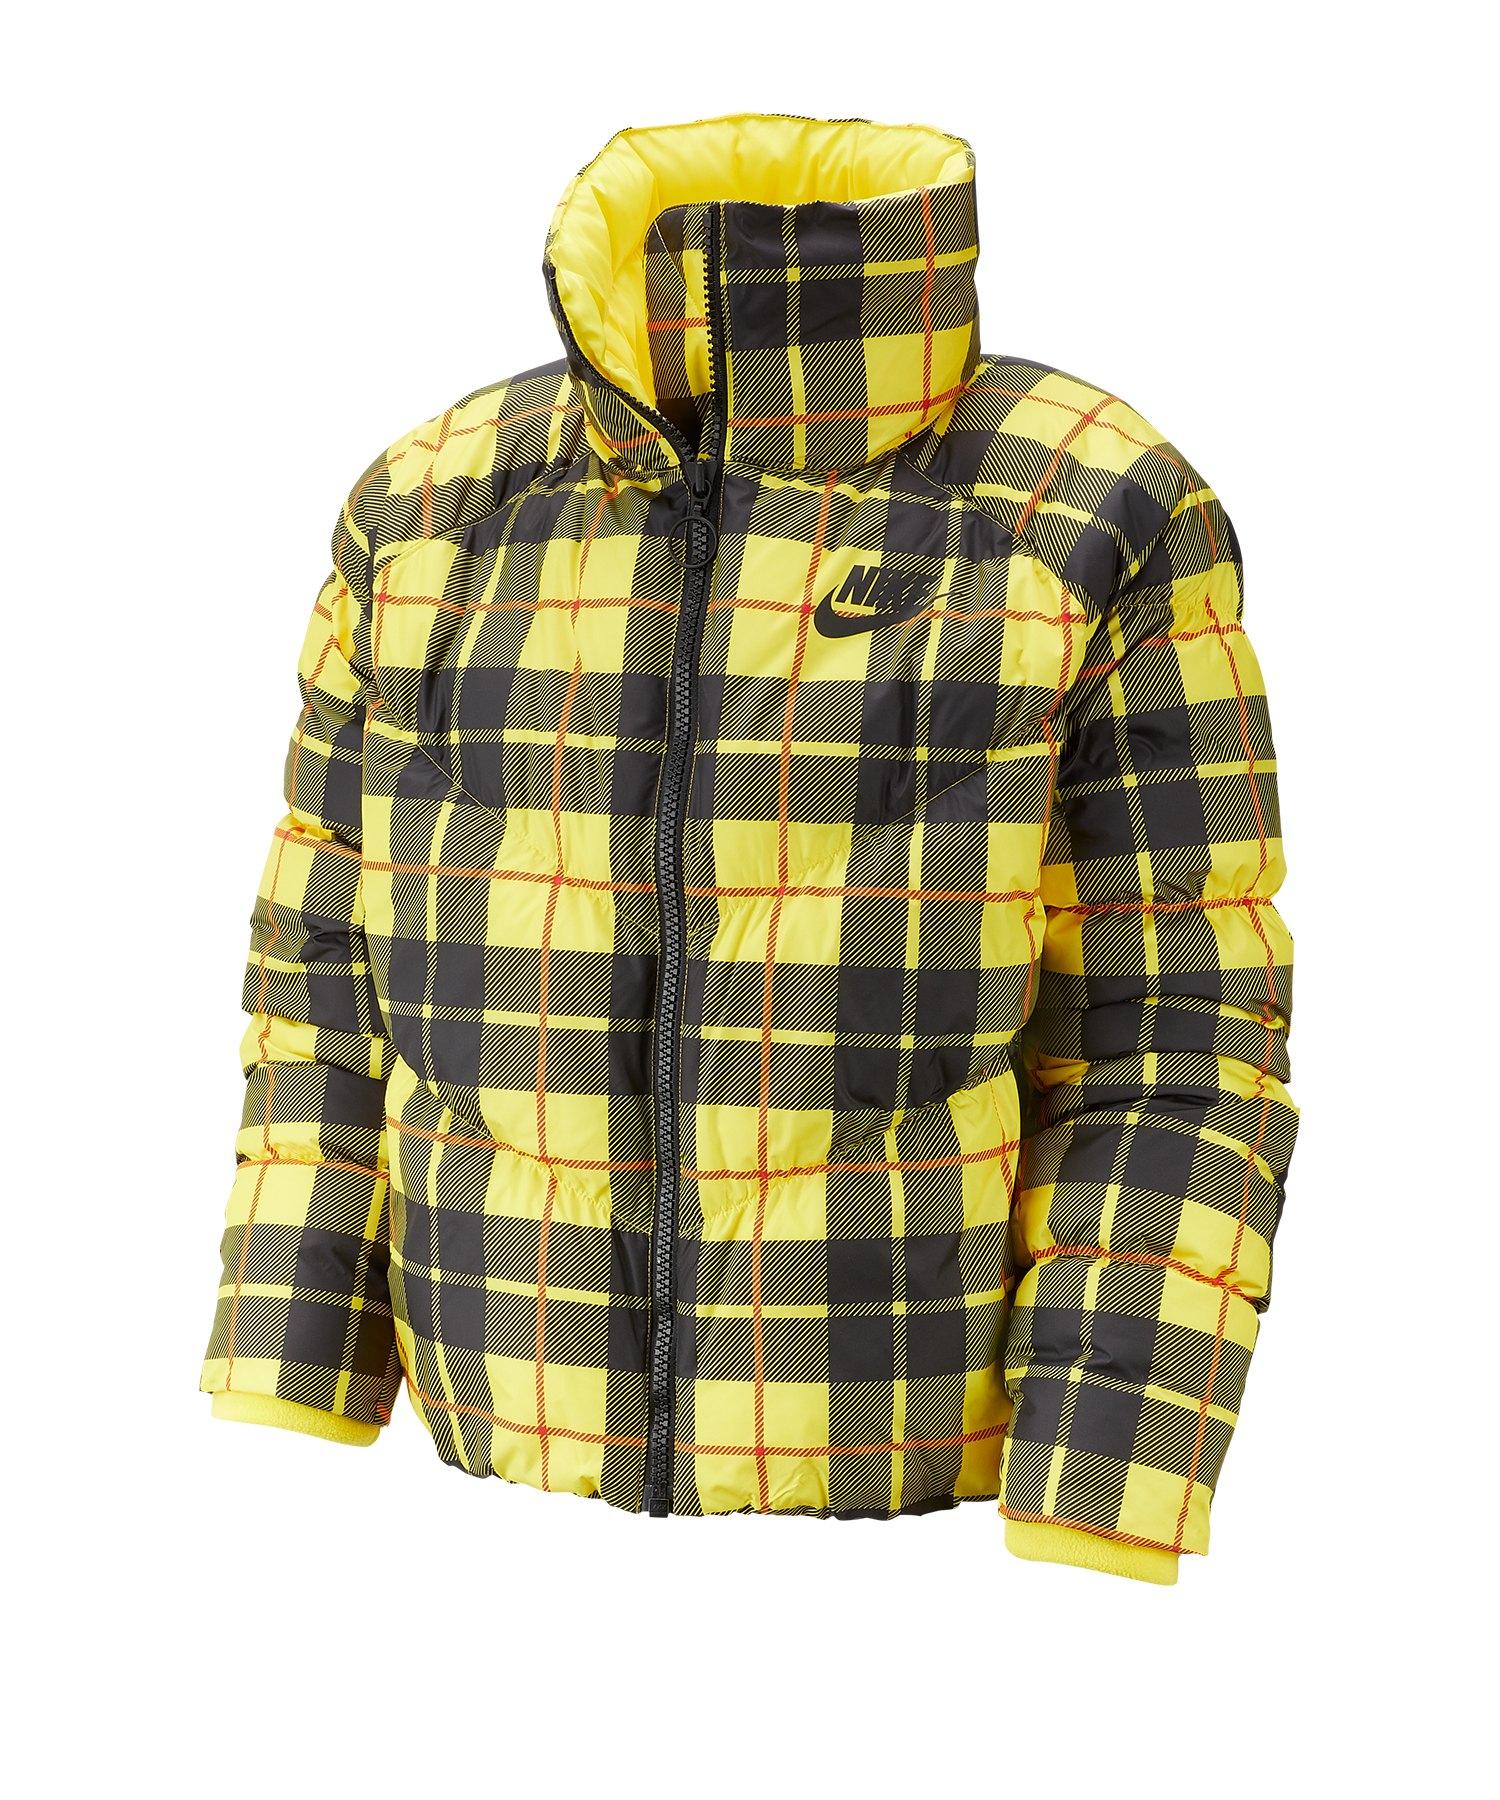 Nike Old-School Jacke Damen Gelb F703 - gelb